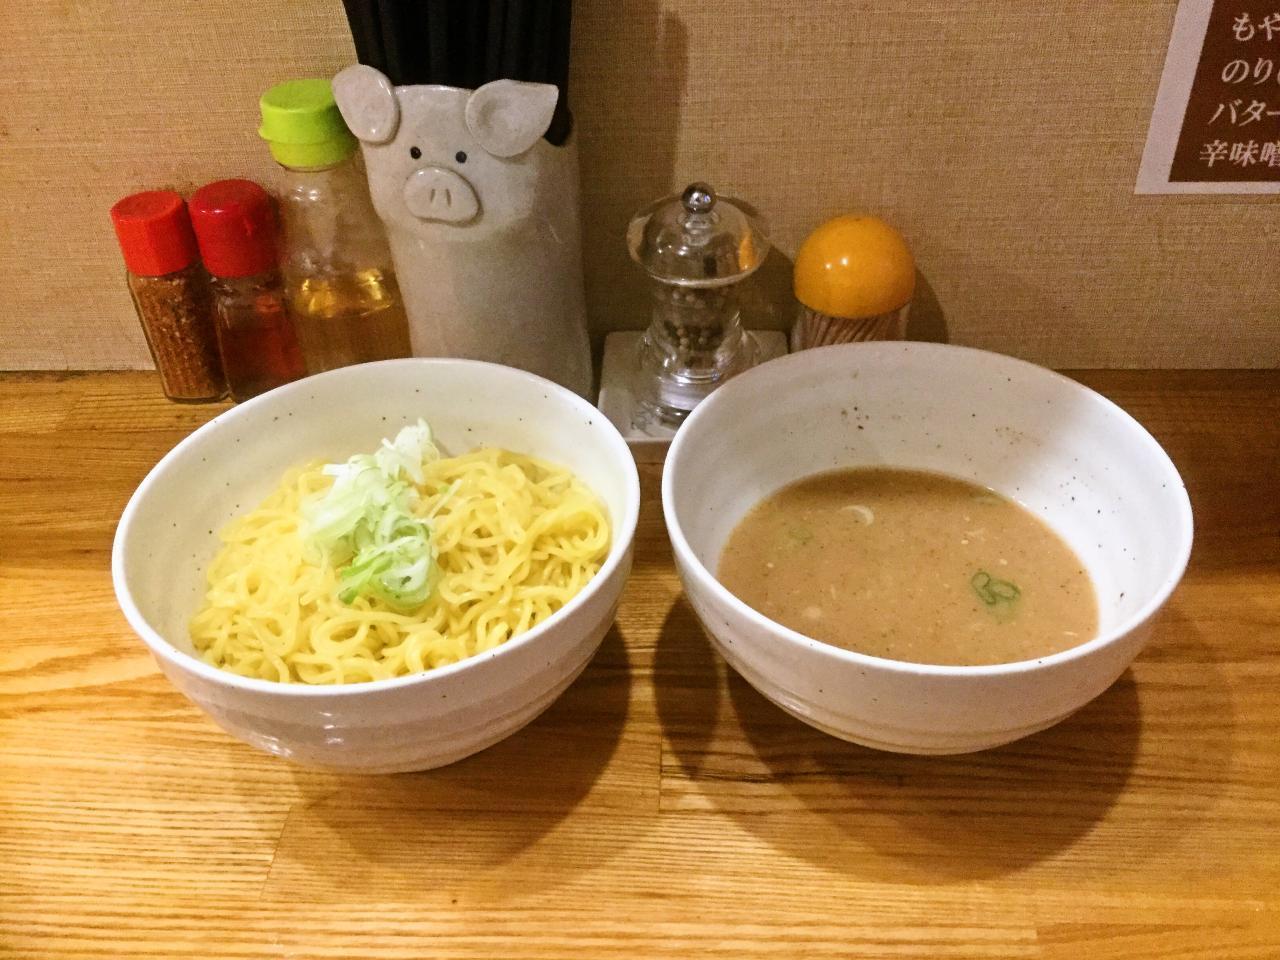 つけ麺 豚野郎(デカ盛りつけ麺)